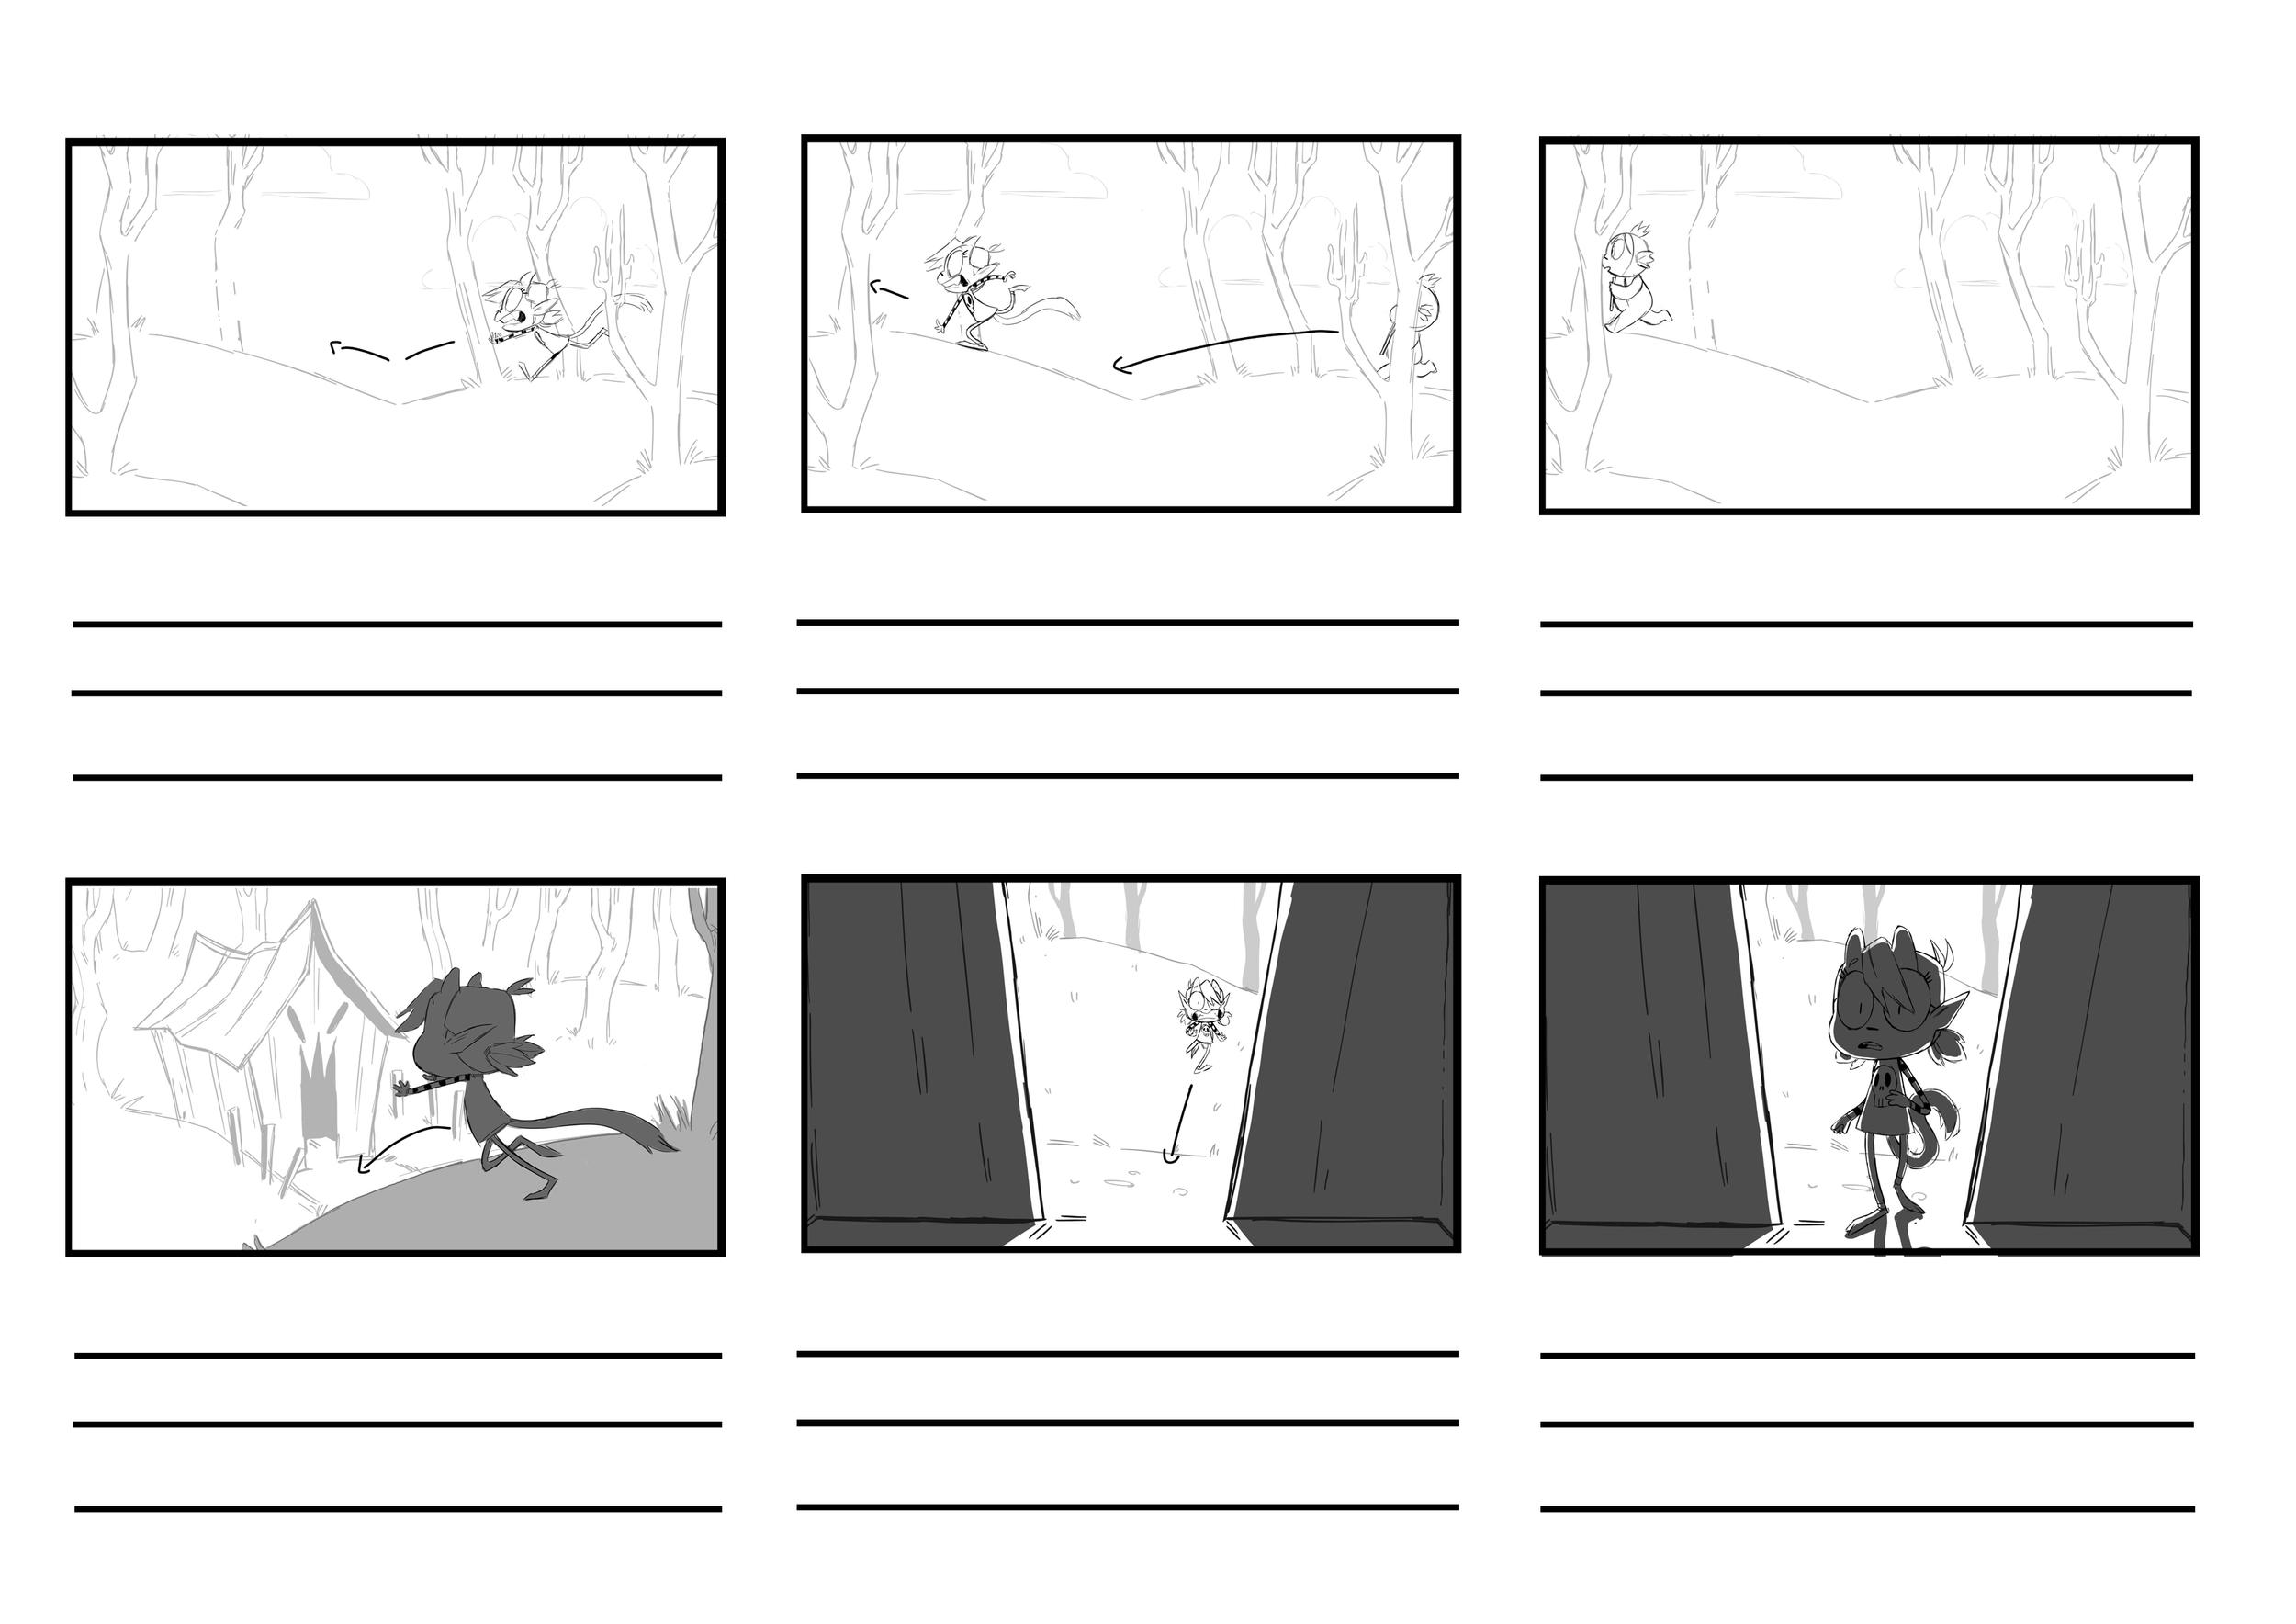 sheet 9.png